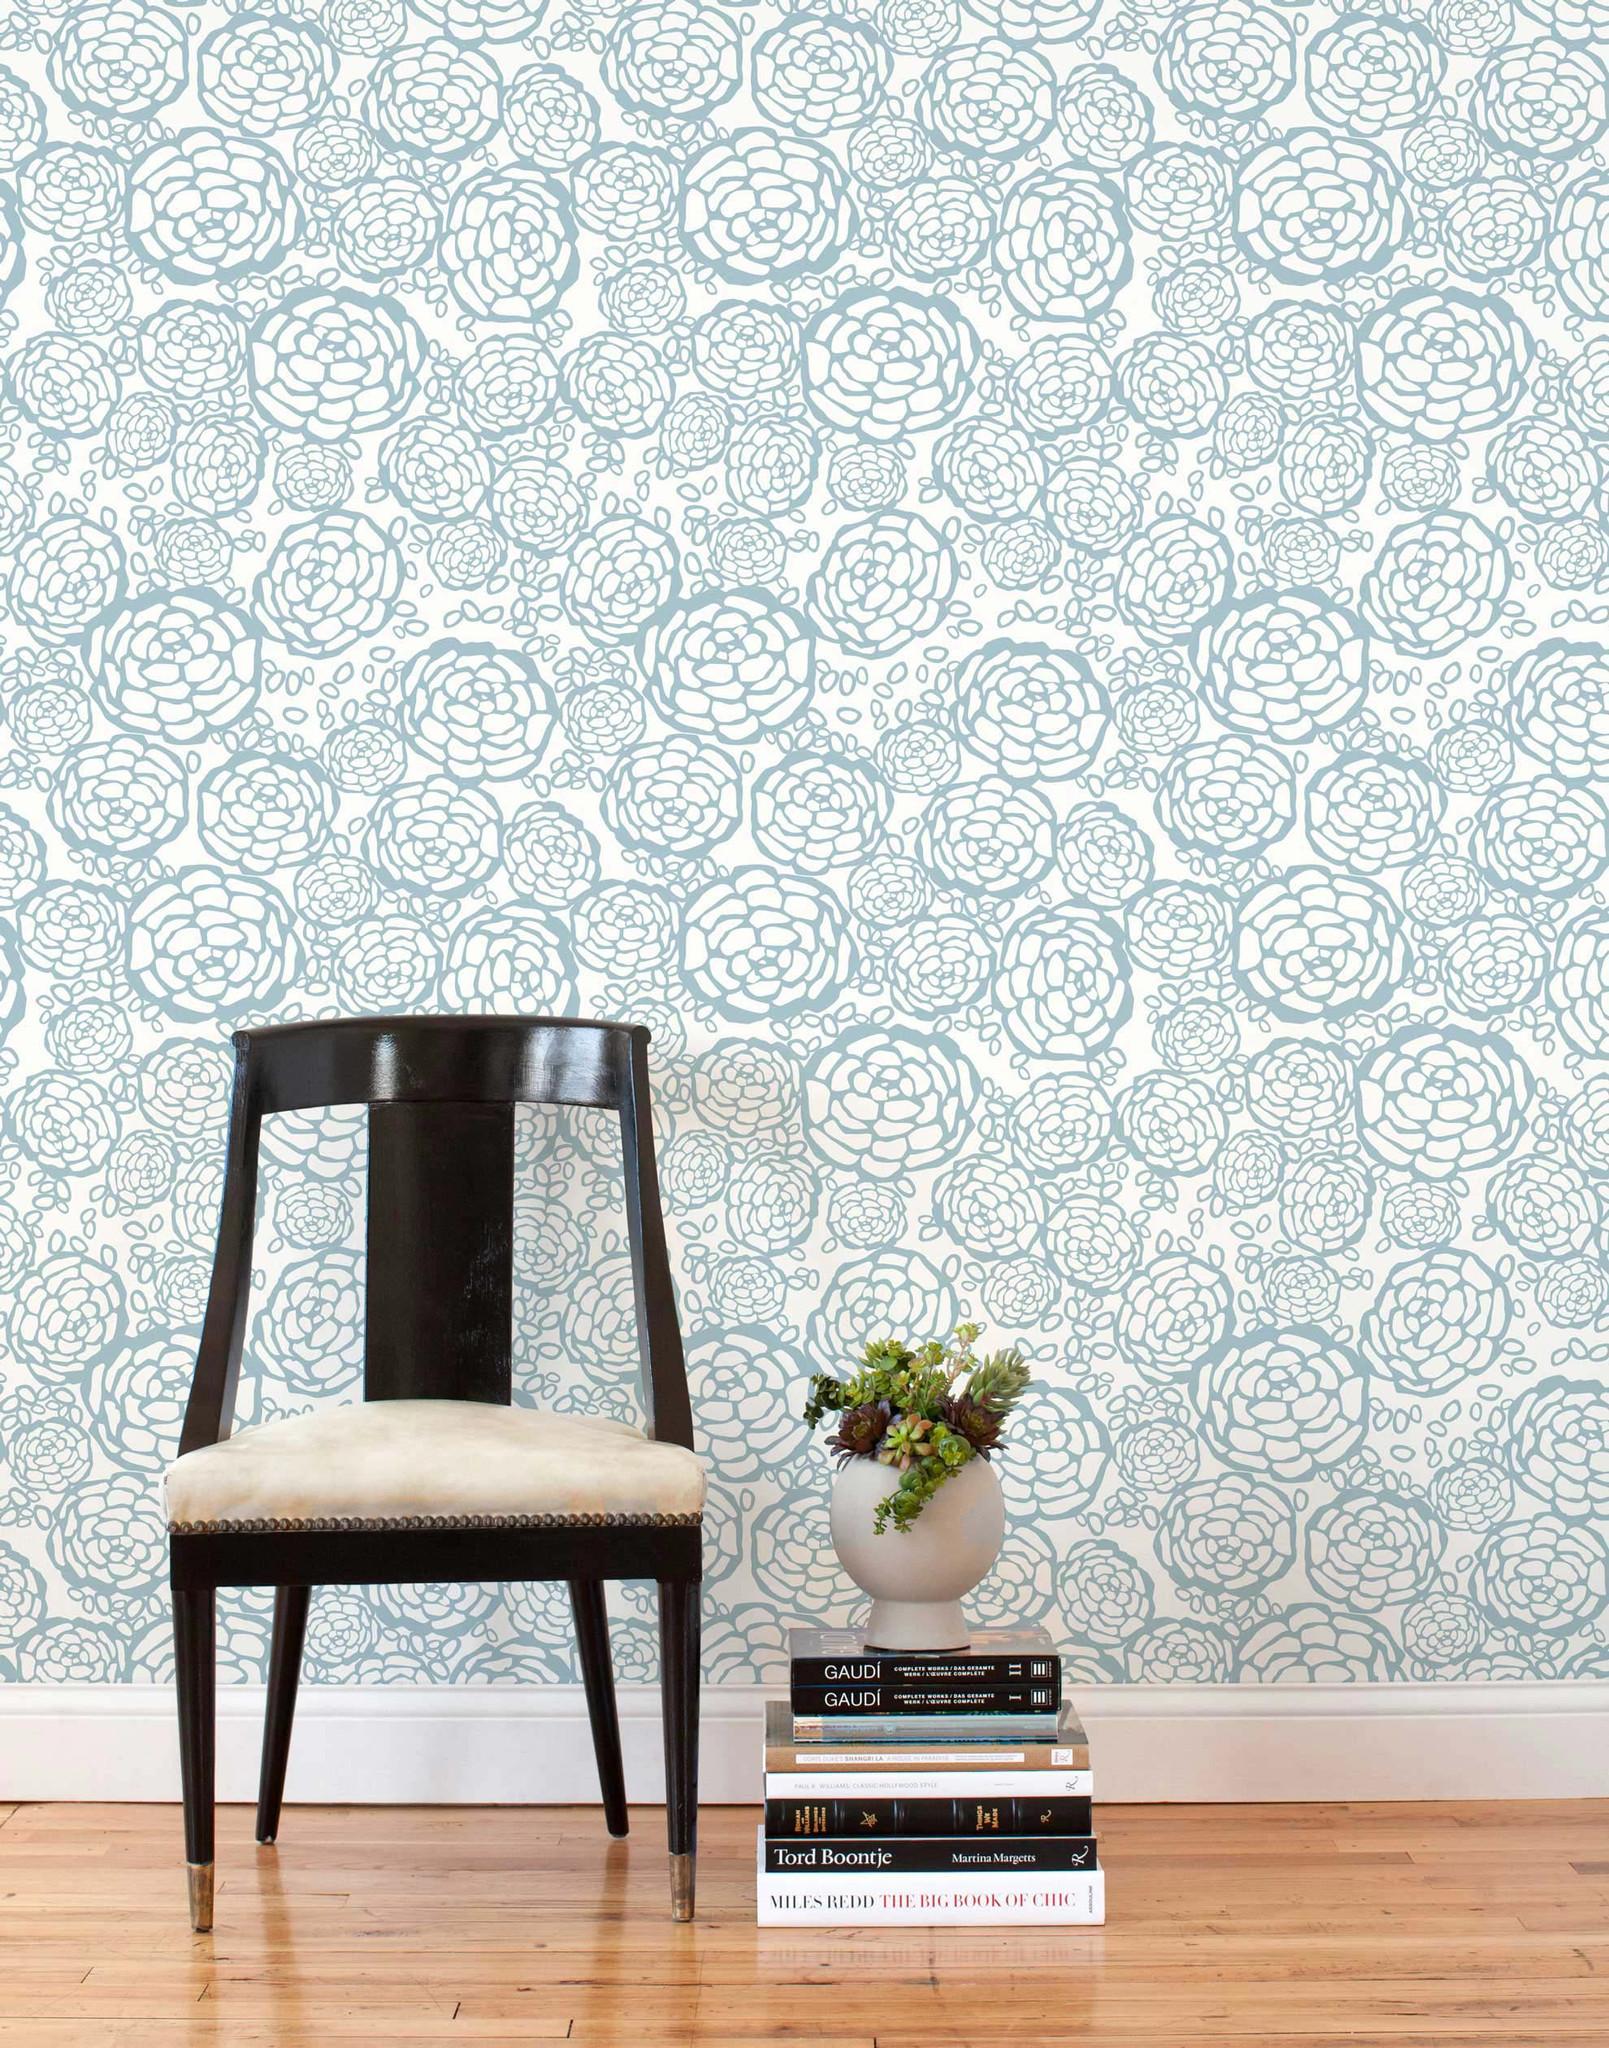 23 maneras de decorar tu cuarto si amas el color azul for Home decor quiz buzzfeed